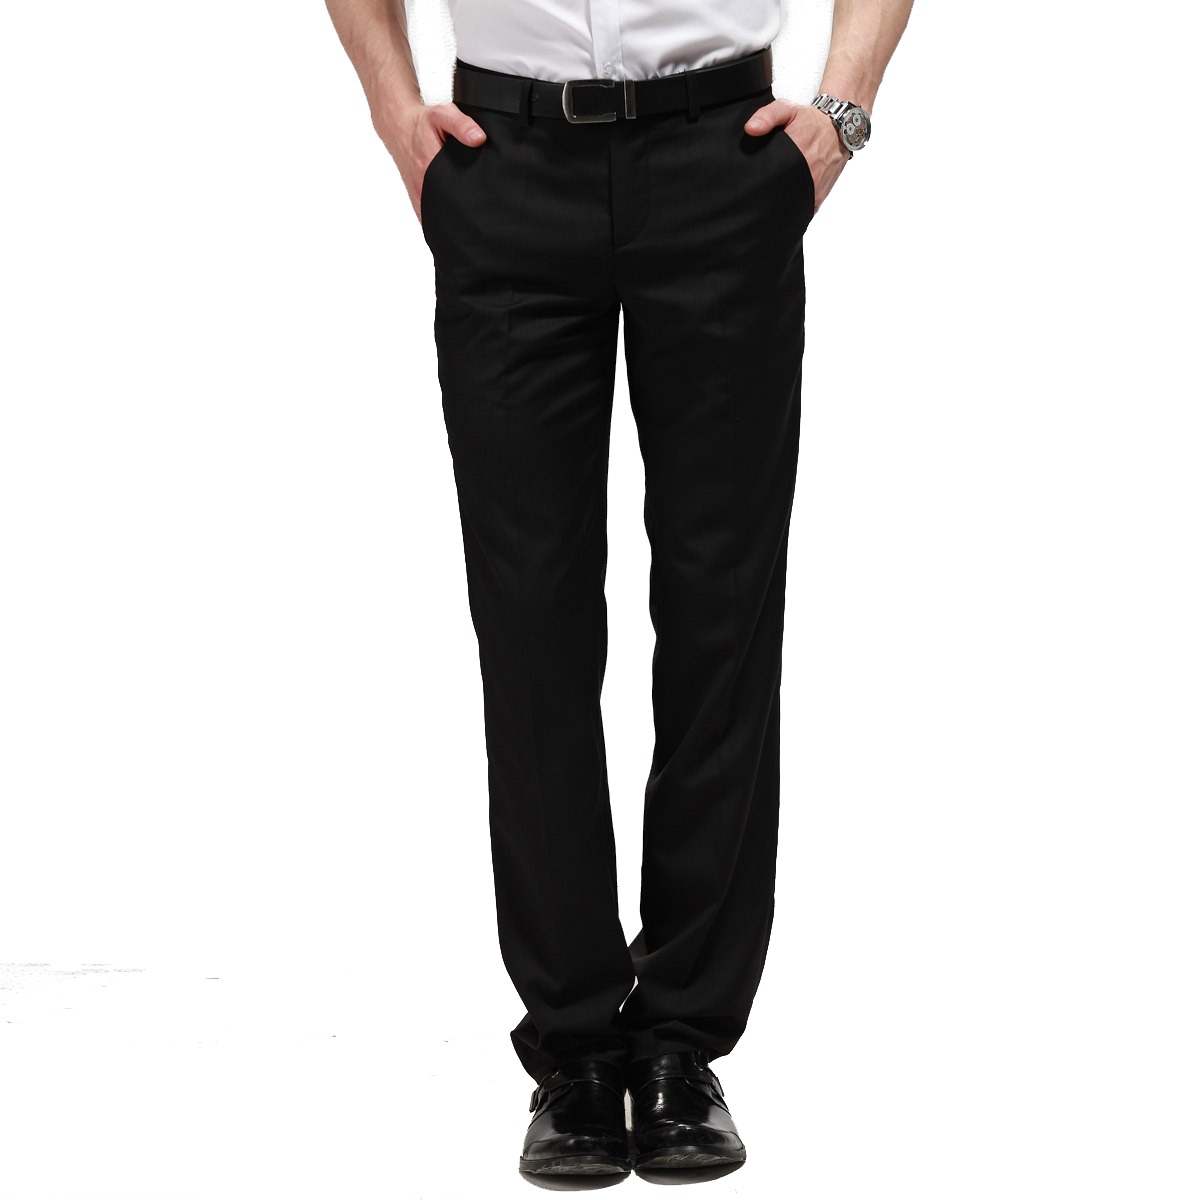 Los pantalones de este tipo son los que se les considera como los trajes masculinos por excelencia, especialmente en los pantalones de vestir. Así es que si tienes un evento o celebración especial al que deseas ir elegante, no dudes en usar un pantalón de vestir de pinza.